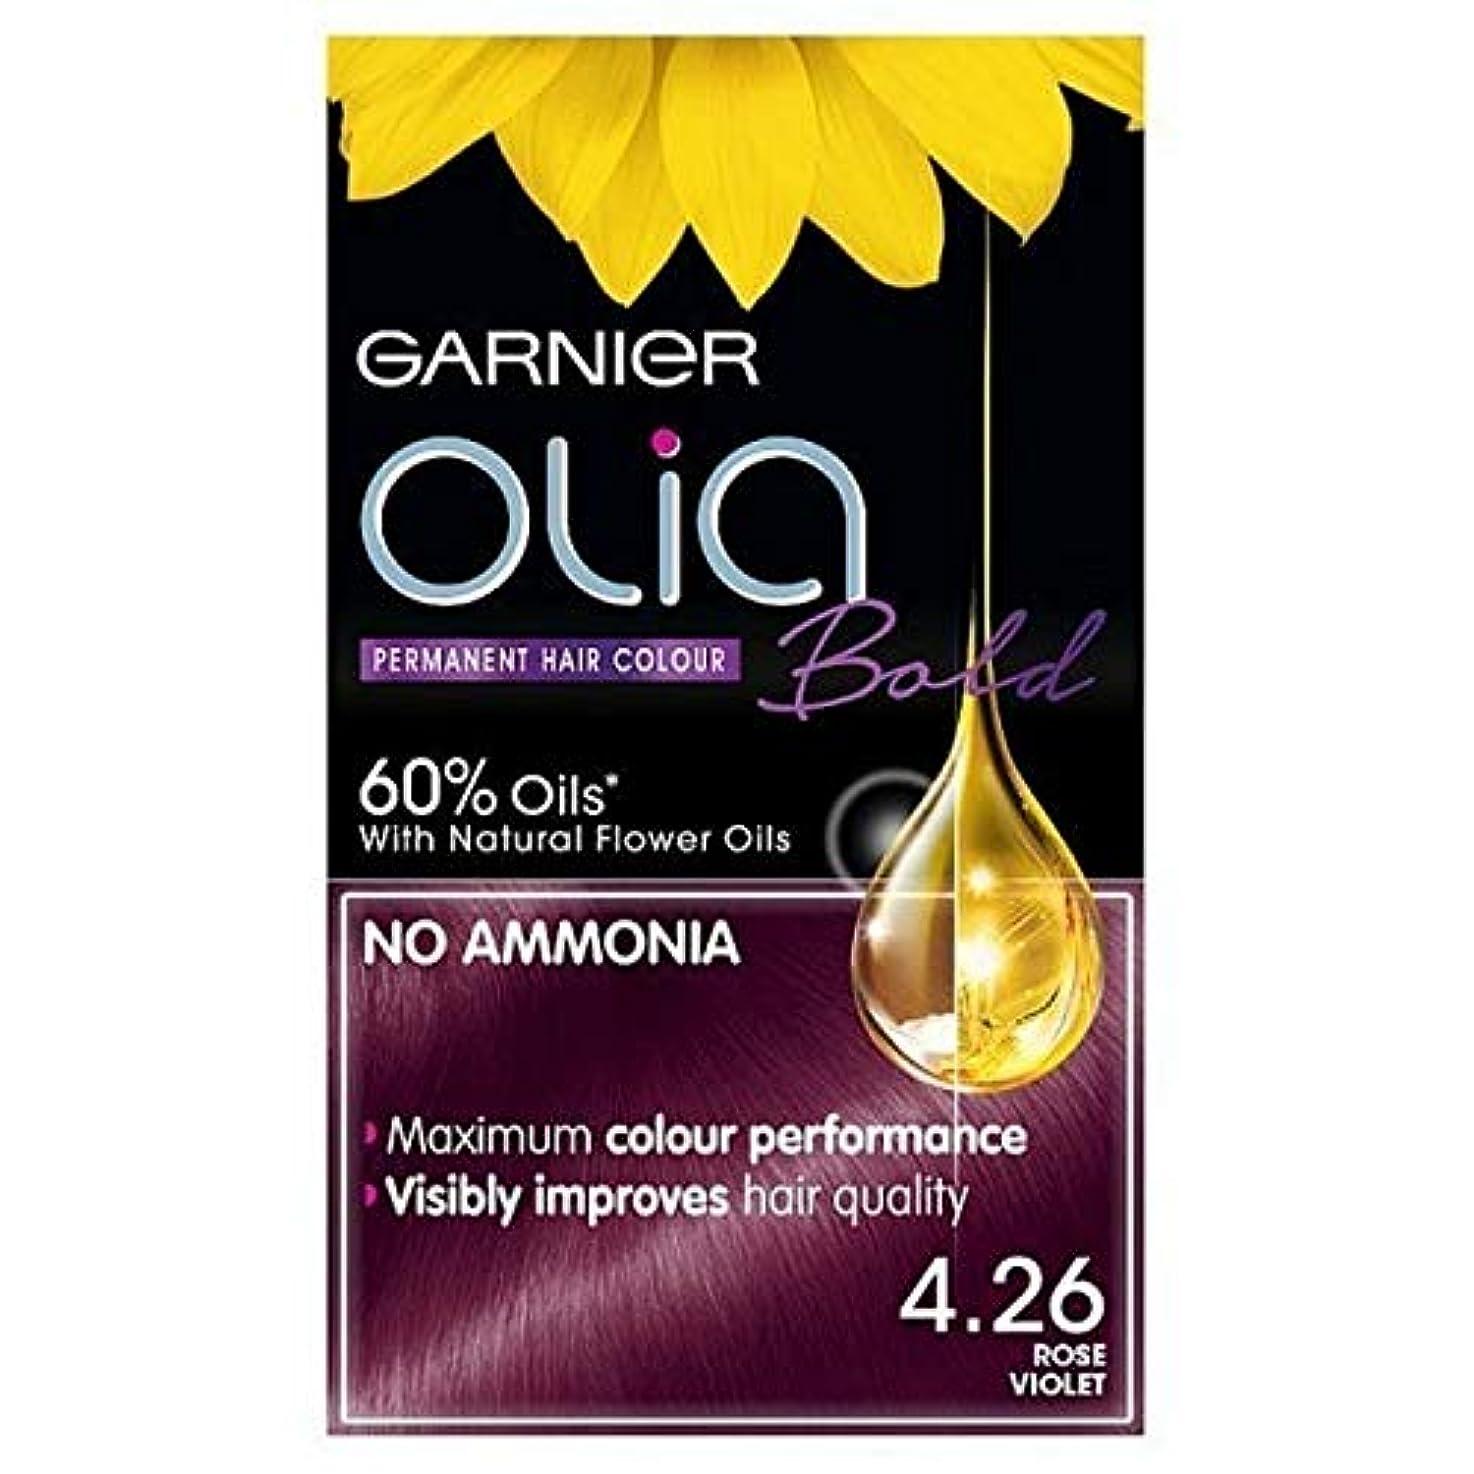 住所座標余分な[Garnier ] ガルニエOlia大胆永久染毛剤は、紫4.26ローズ - Garnier Olia Bold Permanent Hair Dye Rose Violet 4.26 [並行輸入品]